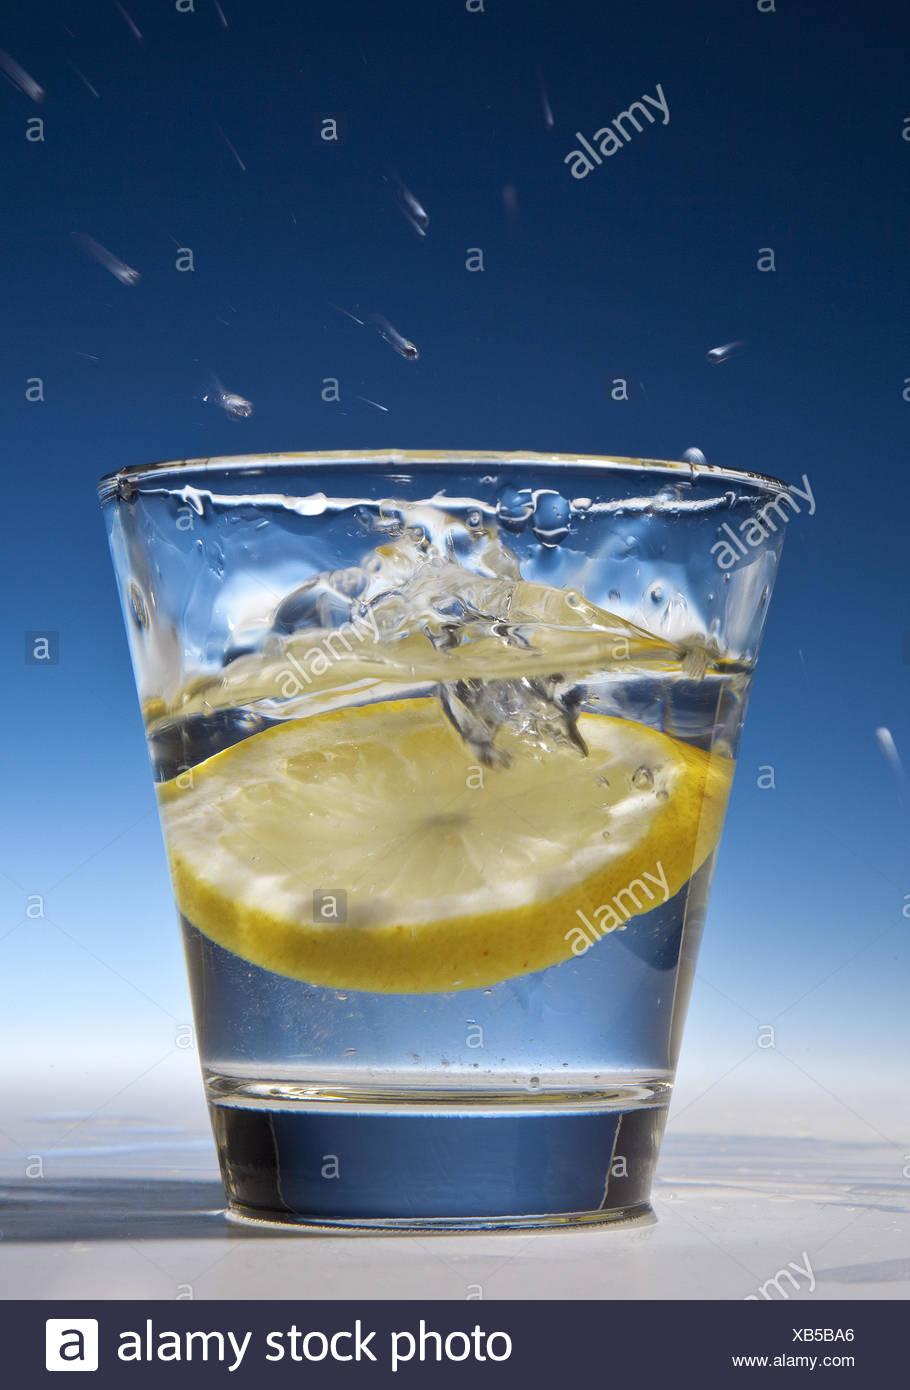 Rodaja de limón cayendo en un vaso con agua Imagen De Stock